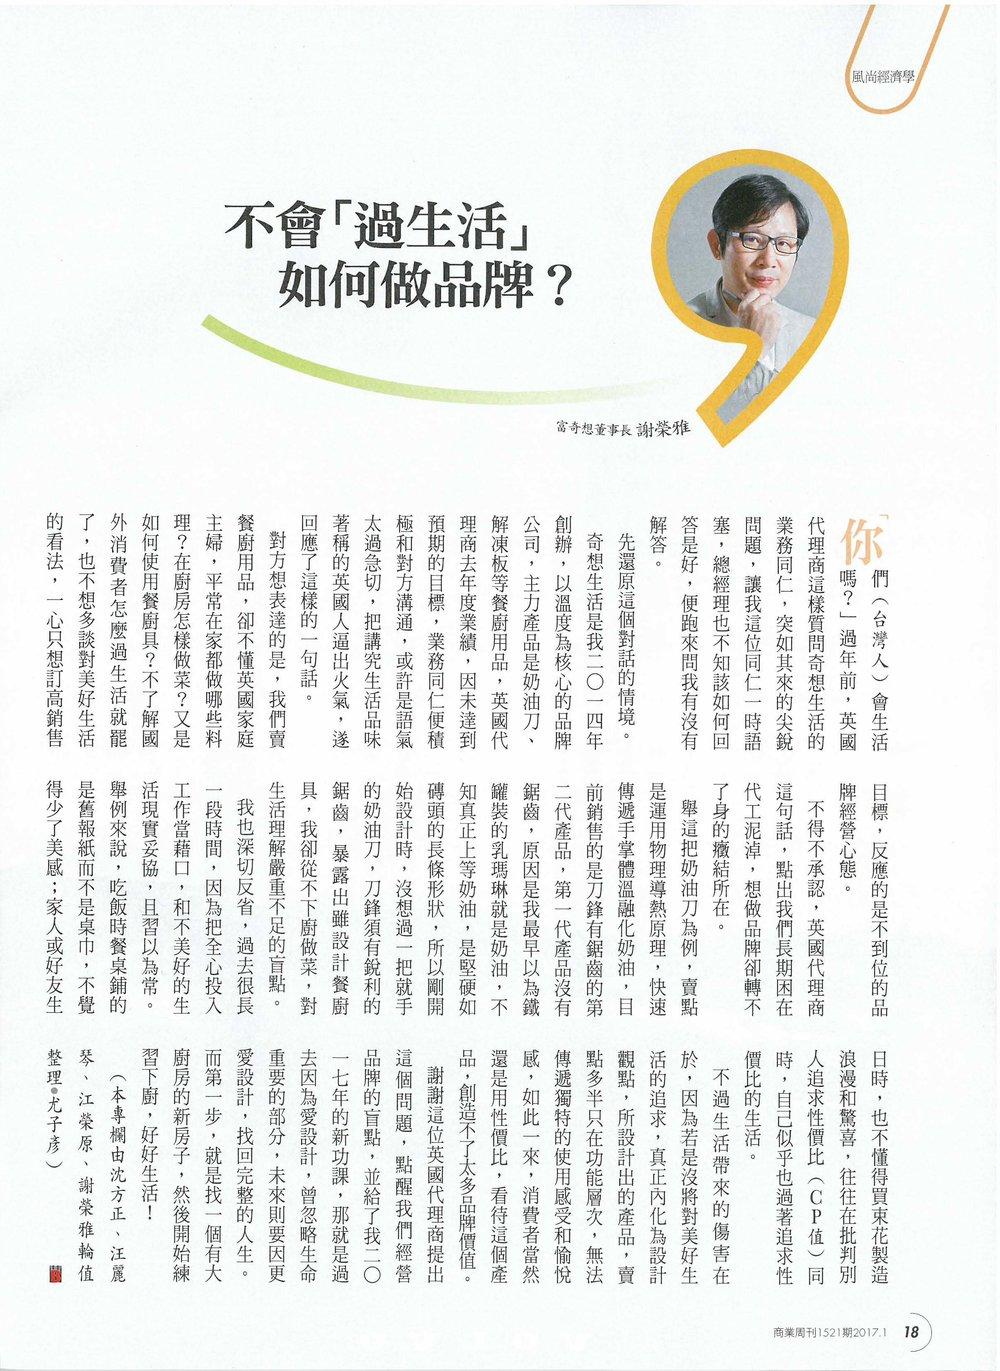 2017年01月15日_不會「過生活」如何做品牌_商業週刊_頁面_1.jpg